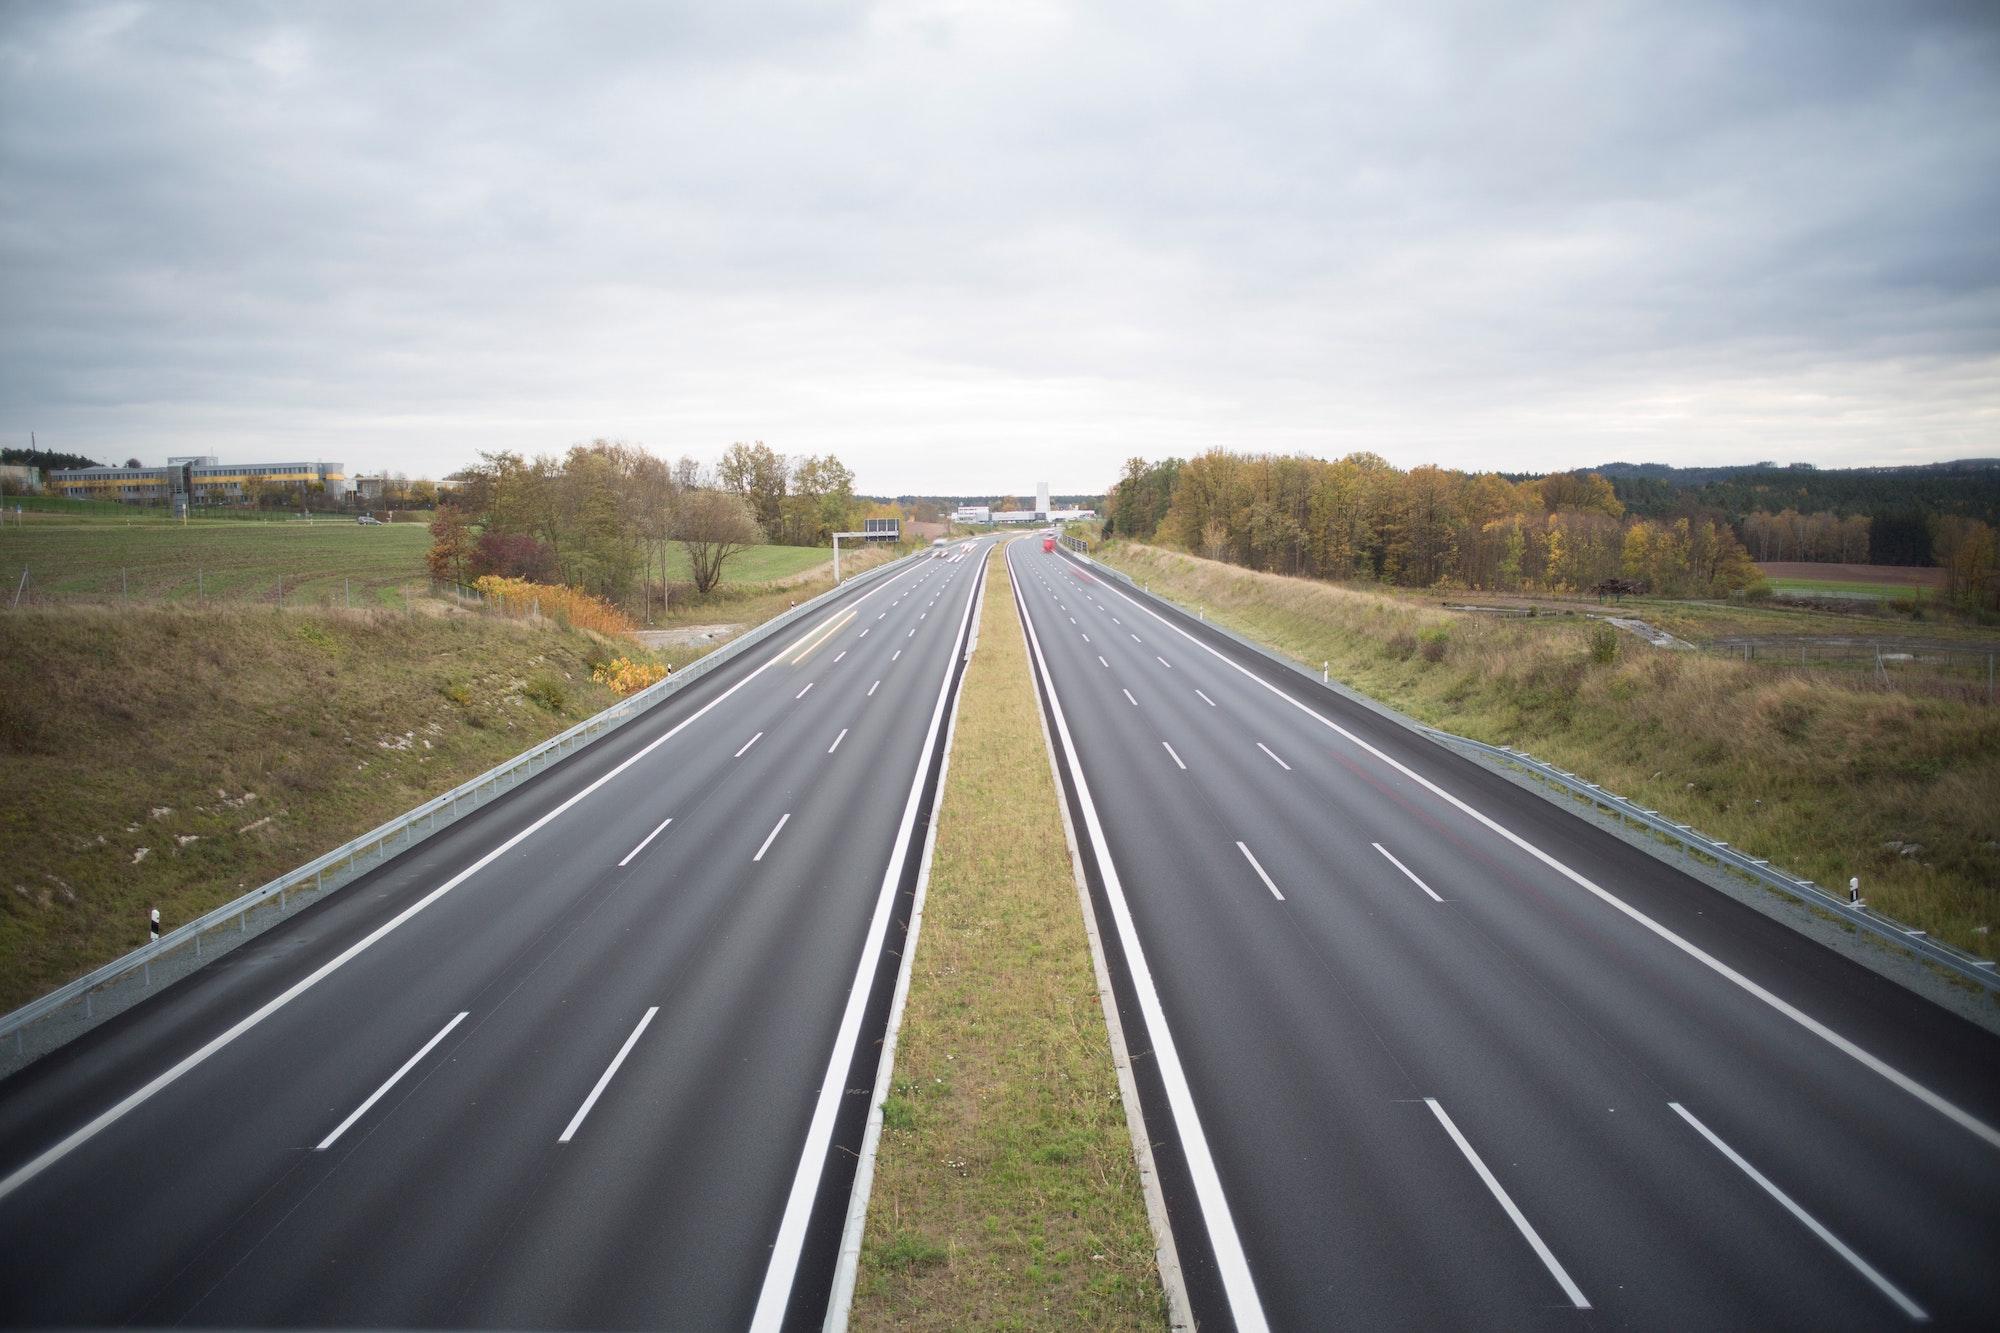 """Pierre Delaigue: """"Autonomous mobility will help take down the walls around non-urban territories"""""""